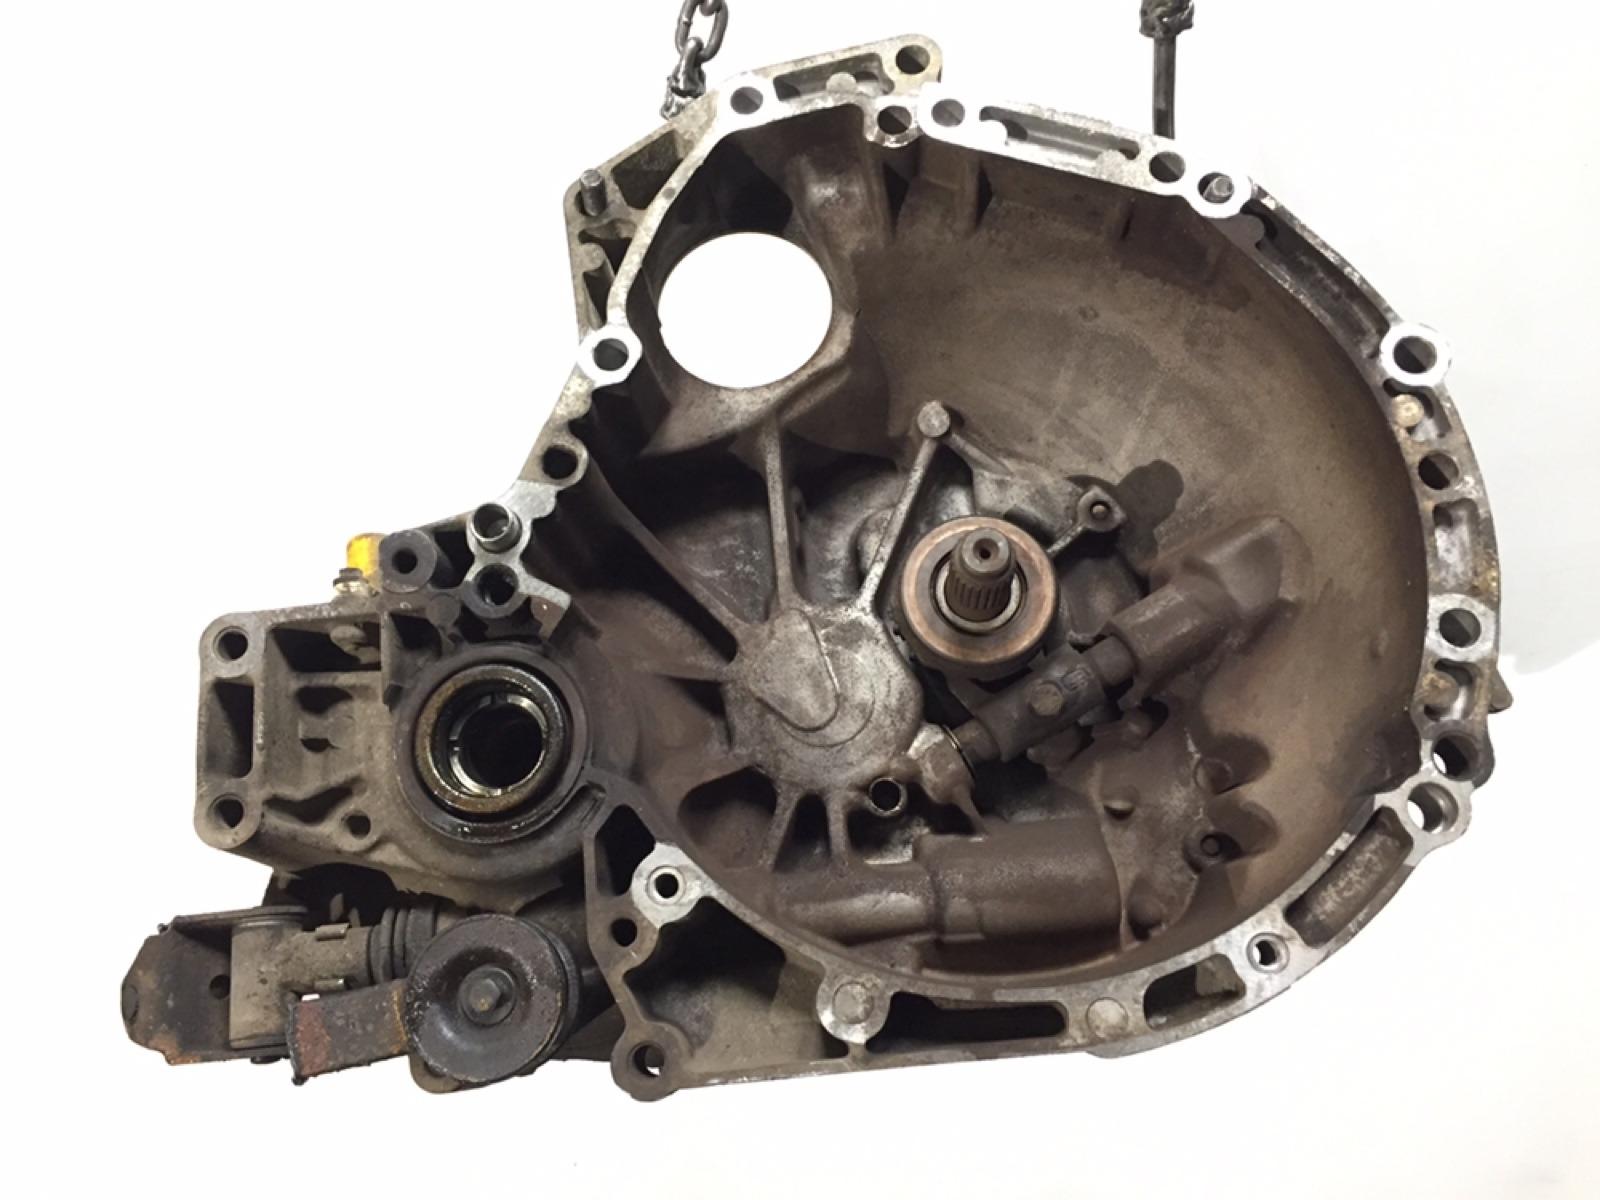 Кпп механическая (мкпп) Rover 45 1.8 I 2002 (б/у)